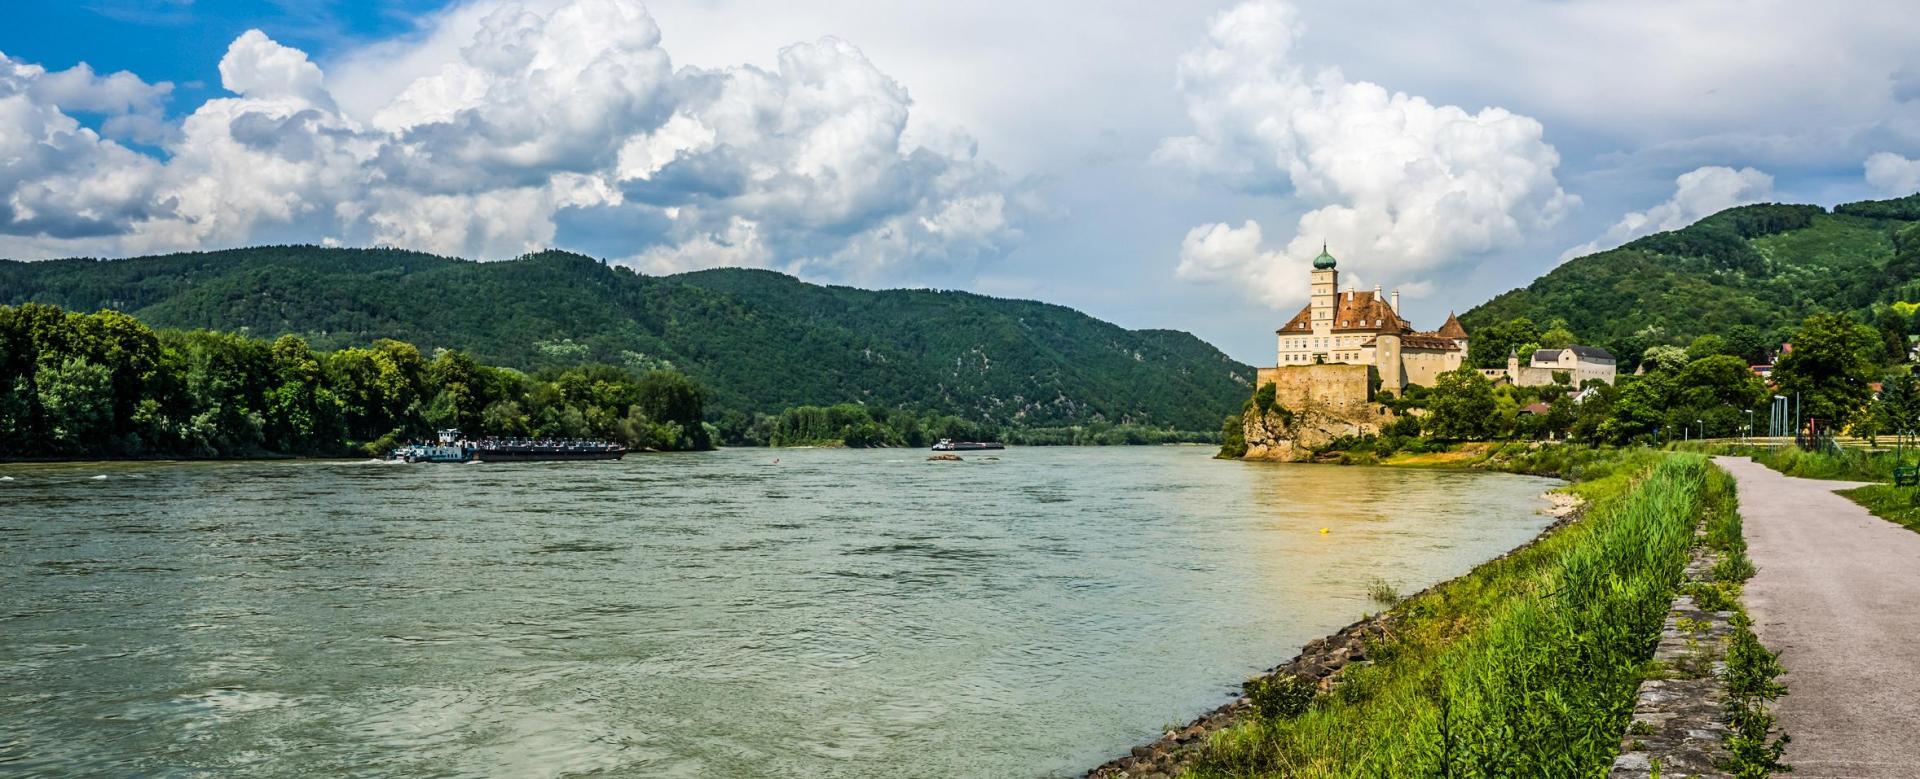 Voyage en véhicule : Le long du danube autrichien à vélo